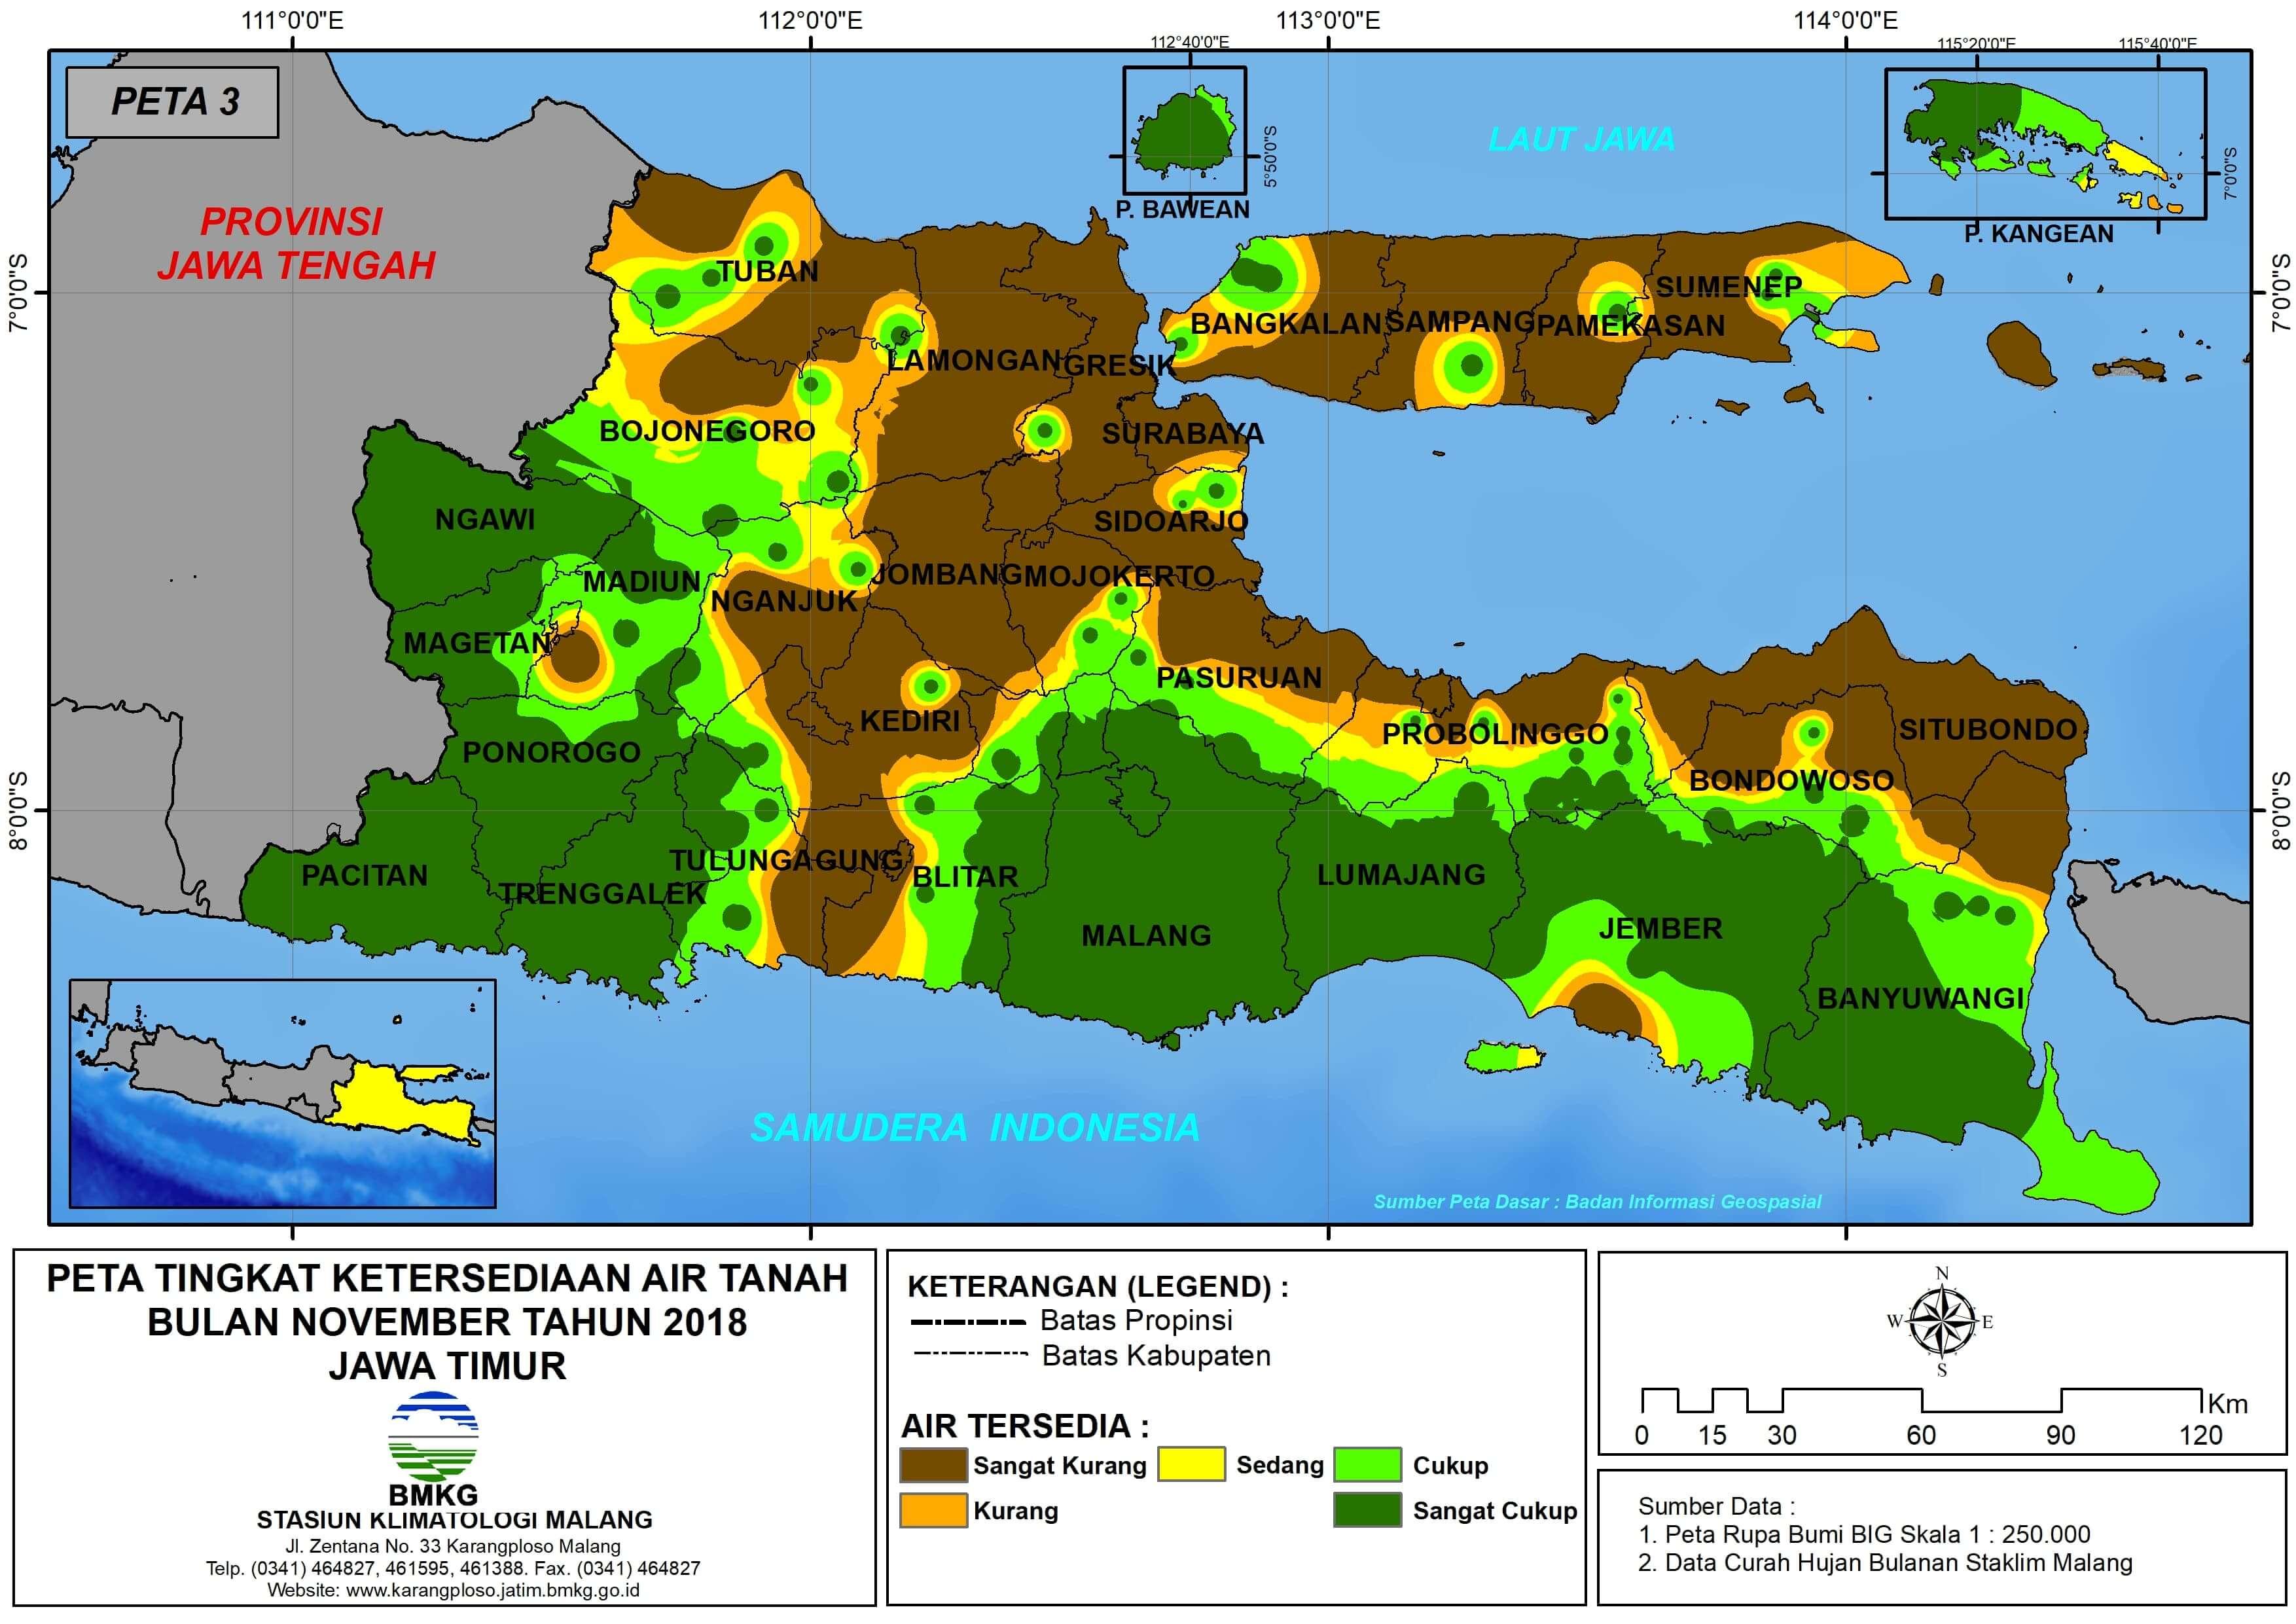 Analisis Tingkat Ketersediaan Air Tanah Bulan Nopember Tahun 2018 di Provinsi Jawa Timur